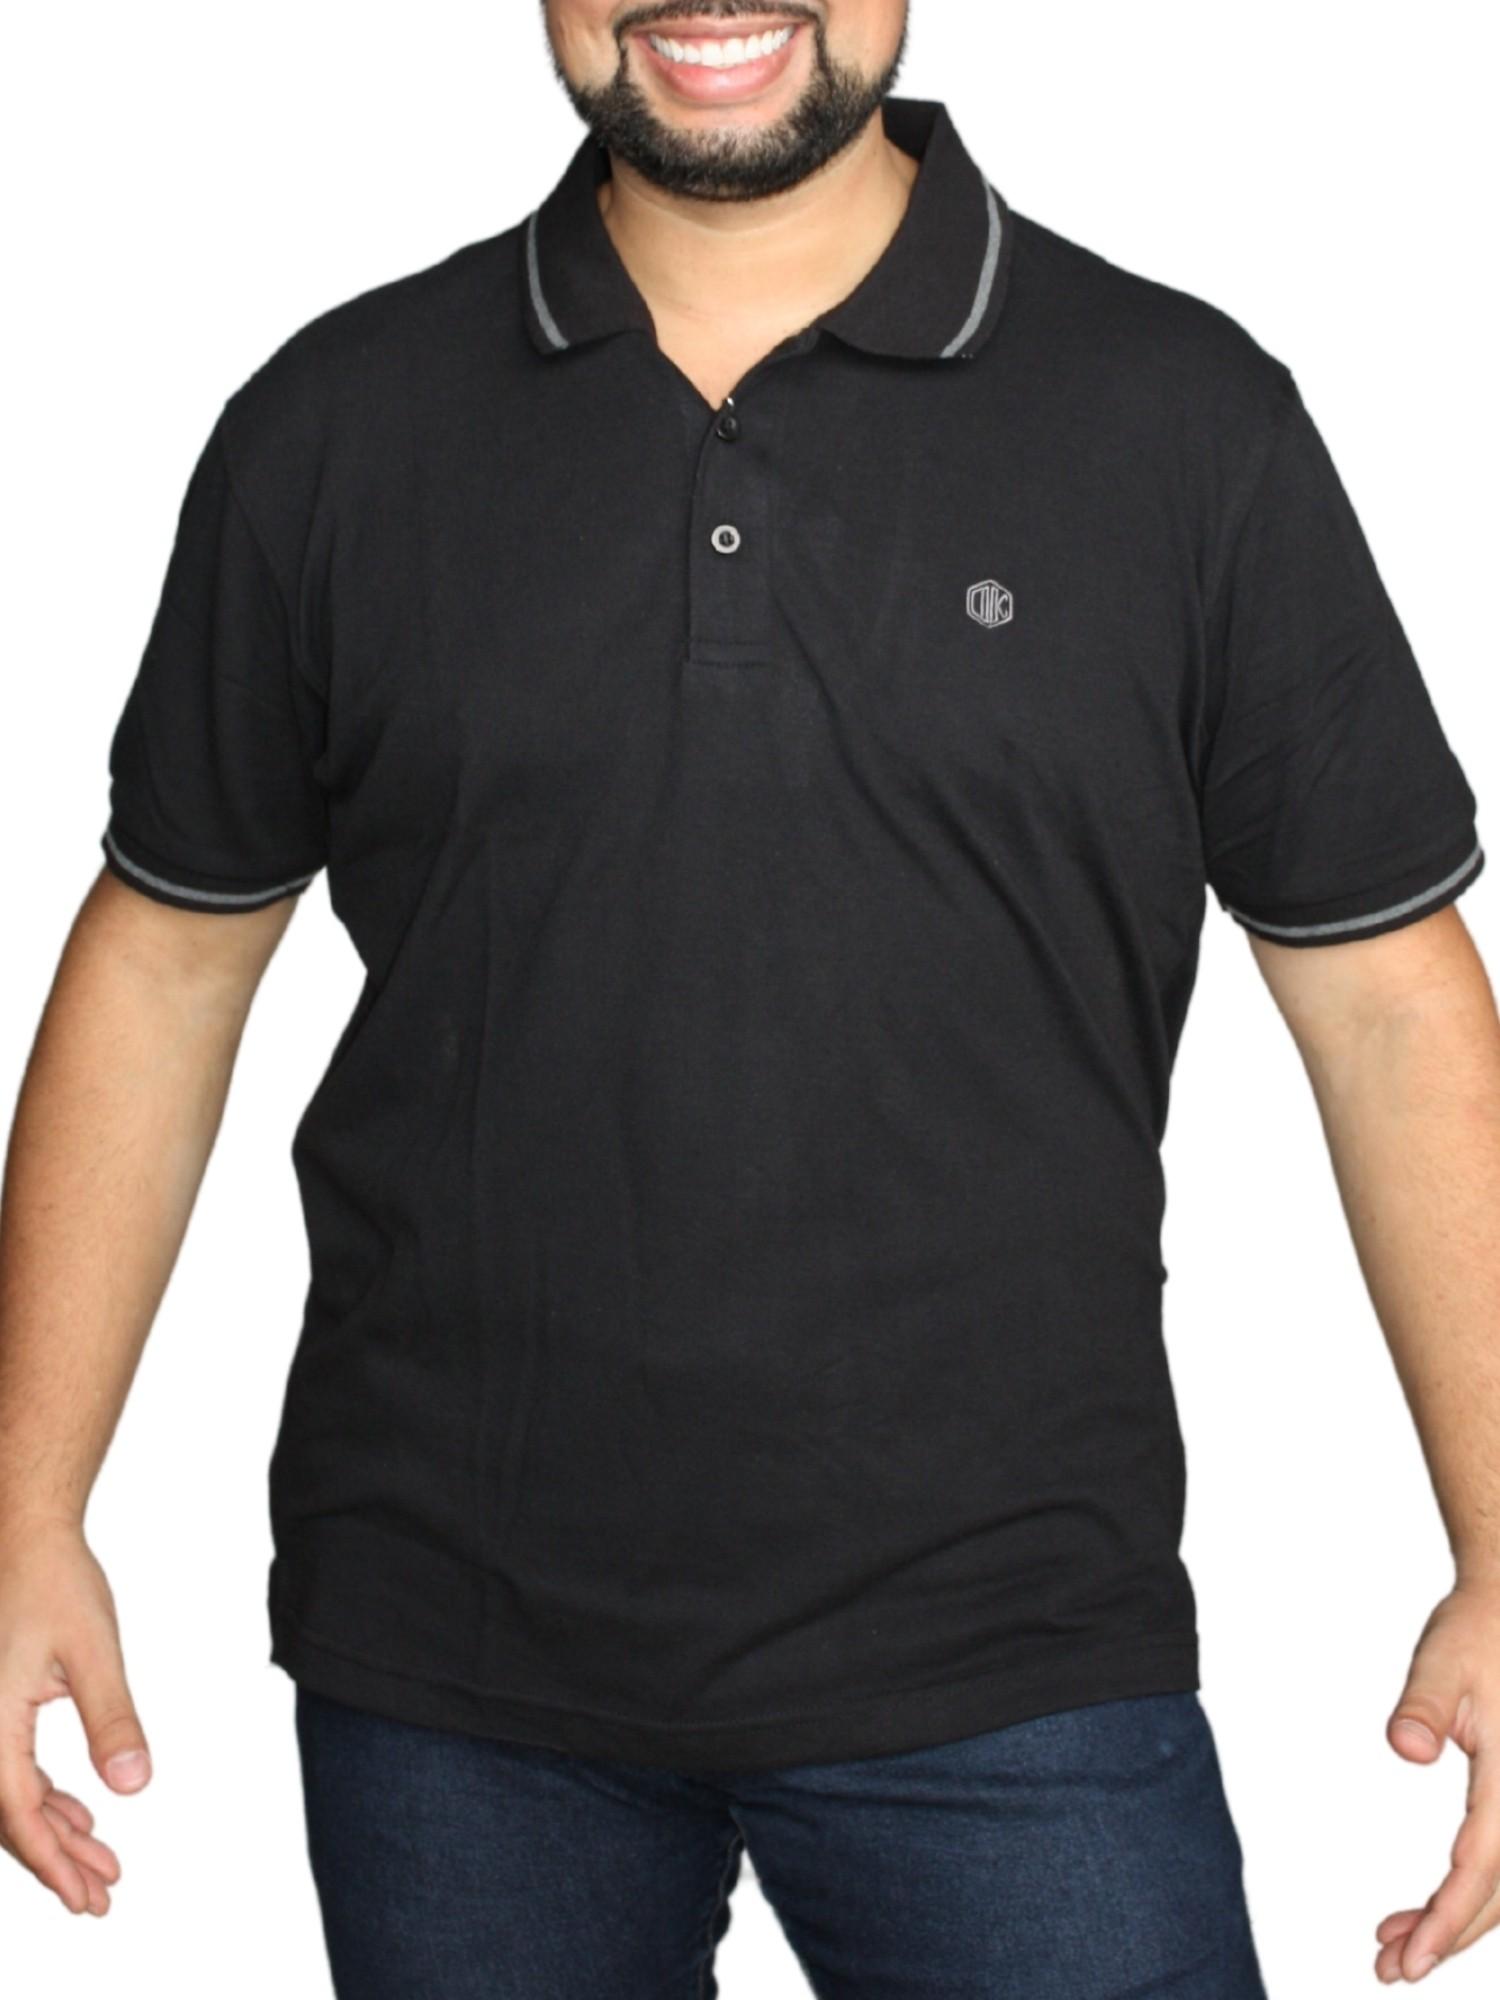 Camiseta Polo Lisa Plus Size Original 128012